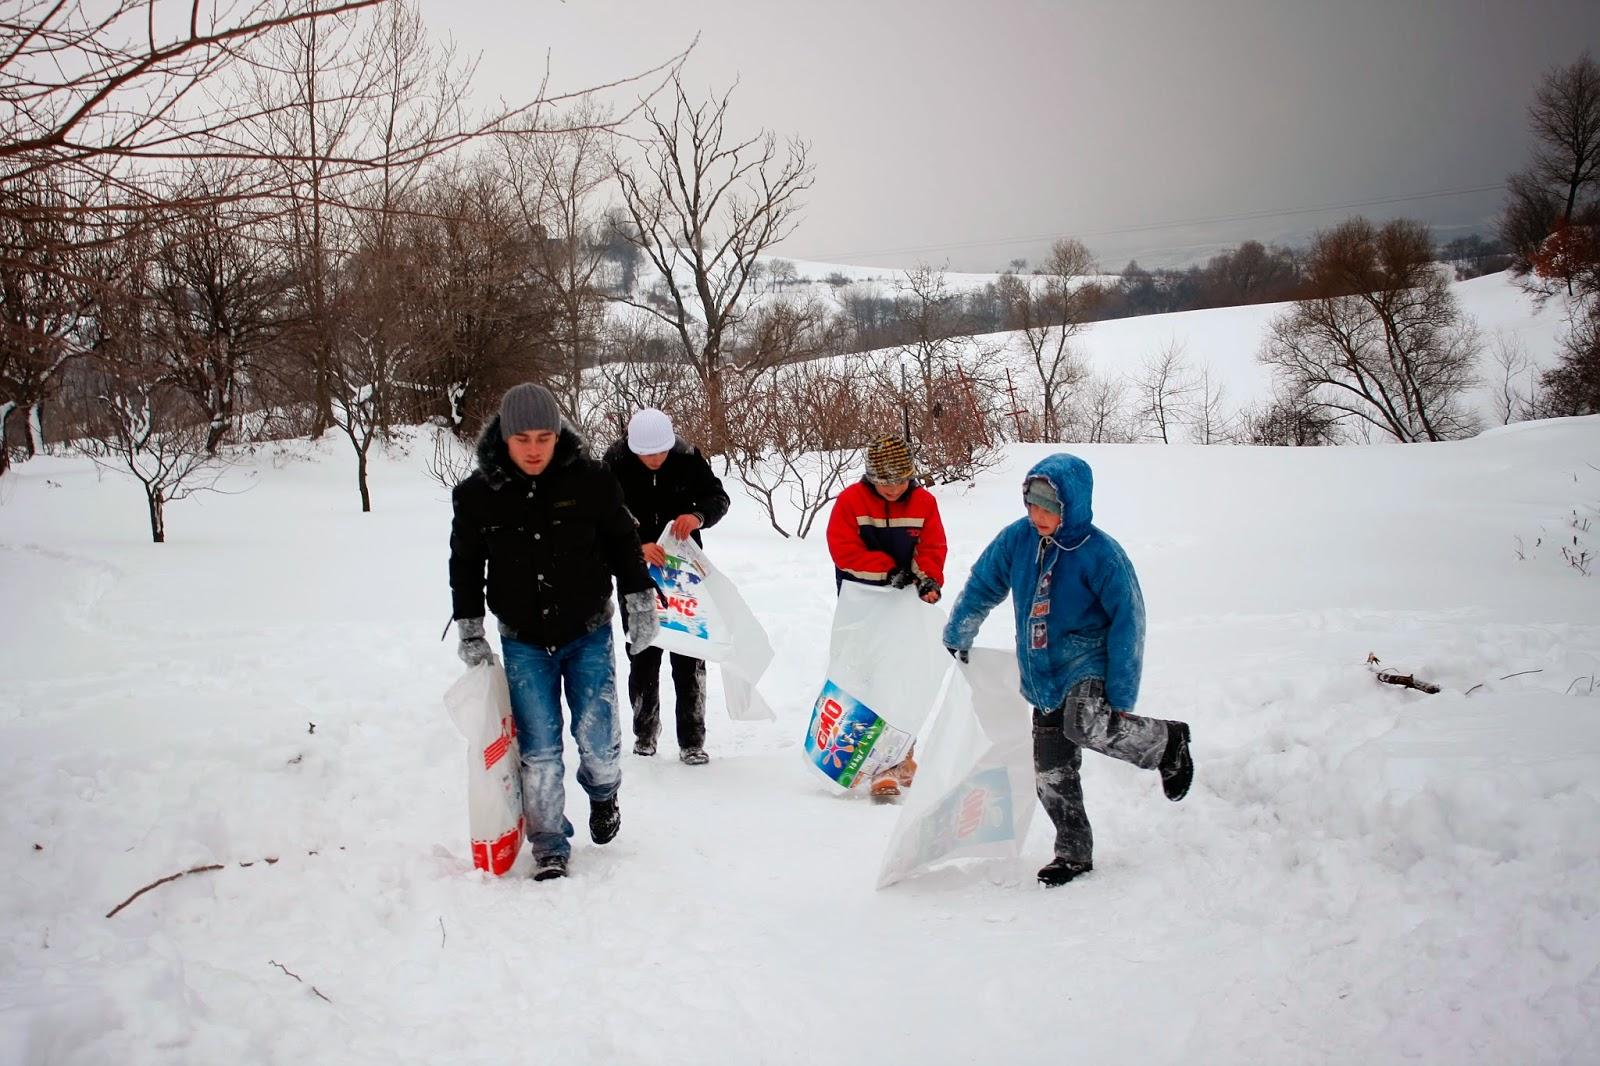 Sugören'de Kış - Karda Kayan Çocuklar-8